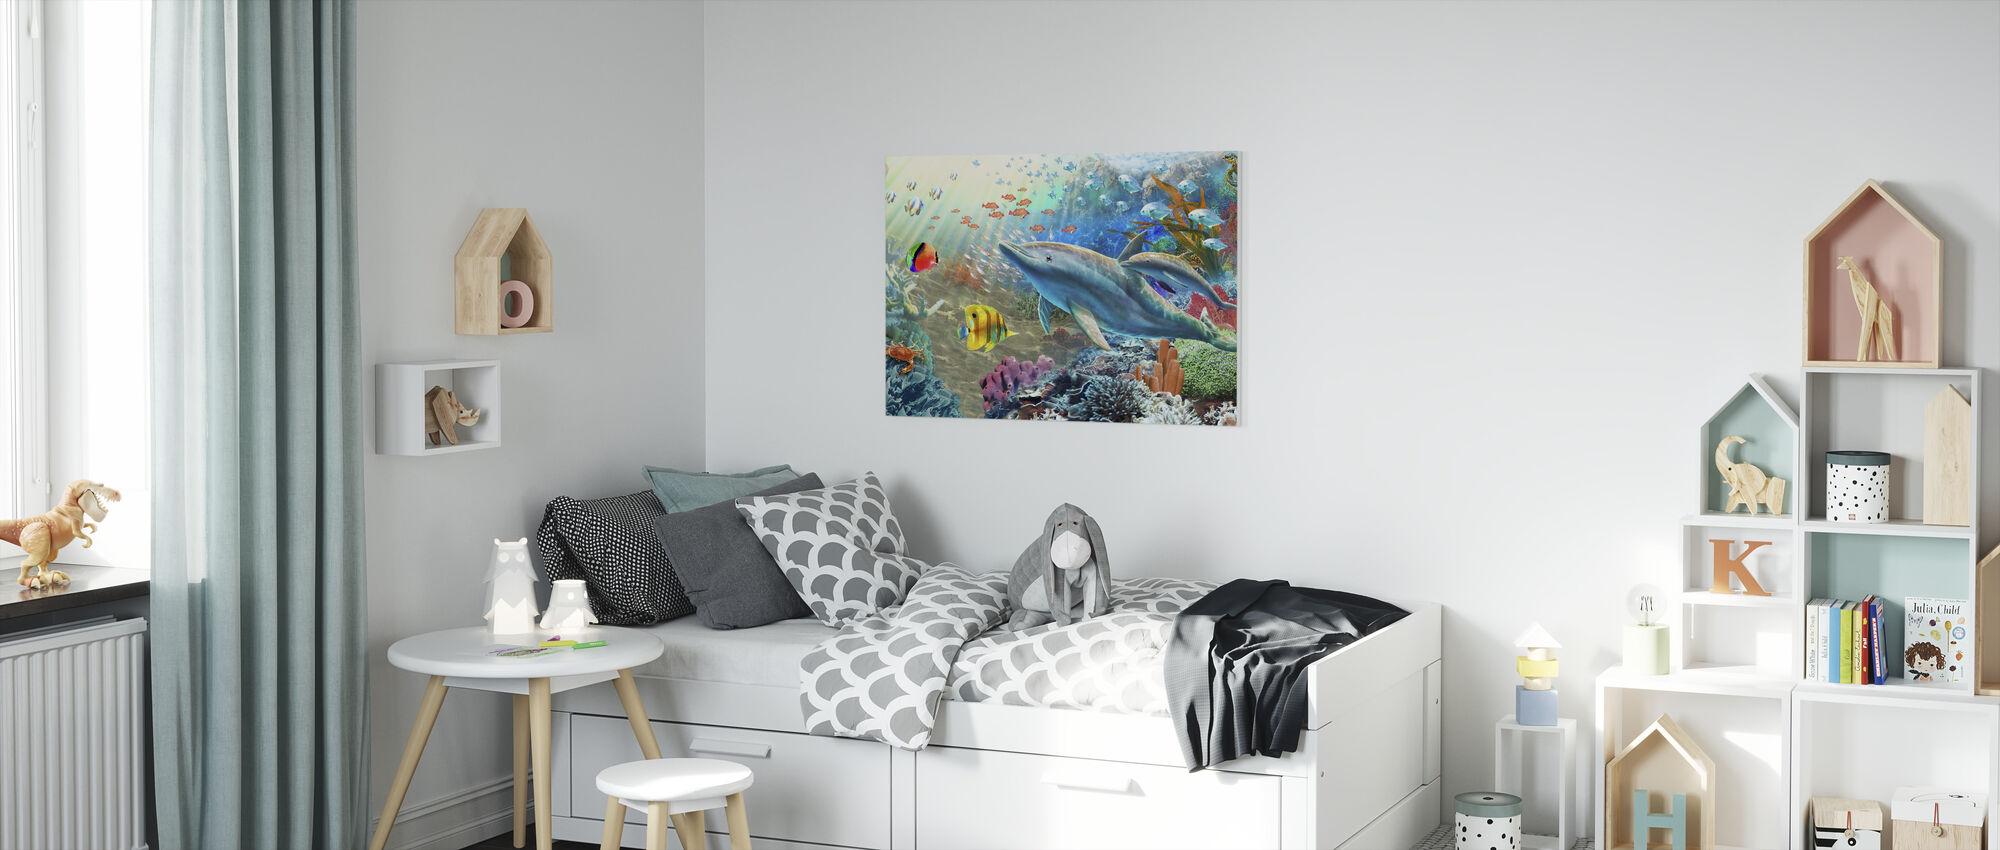 Mark och vatten Utopia II - Canvastavla - Barnrum